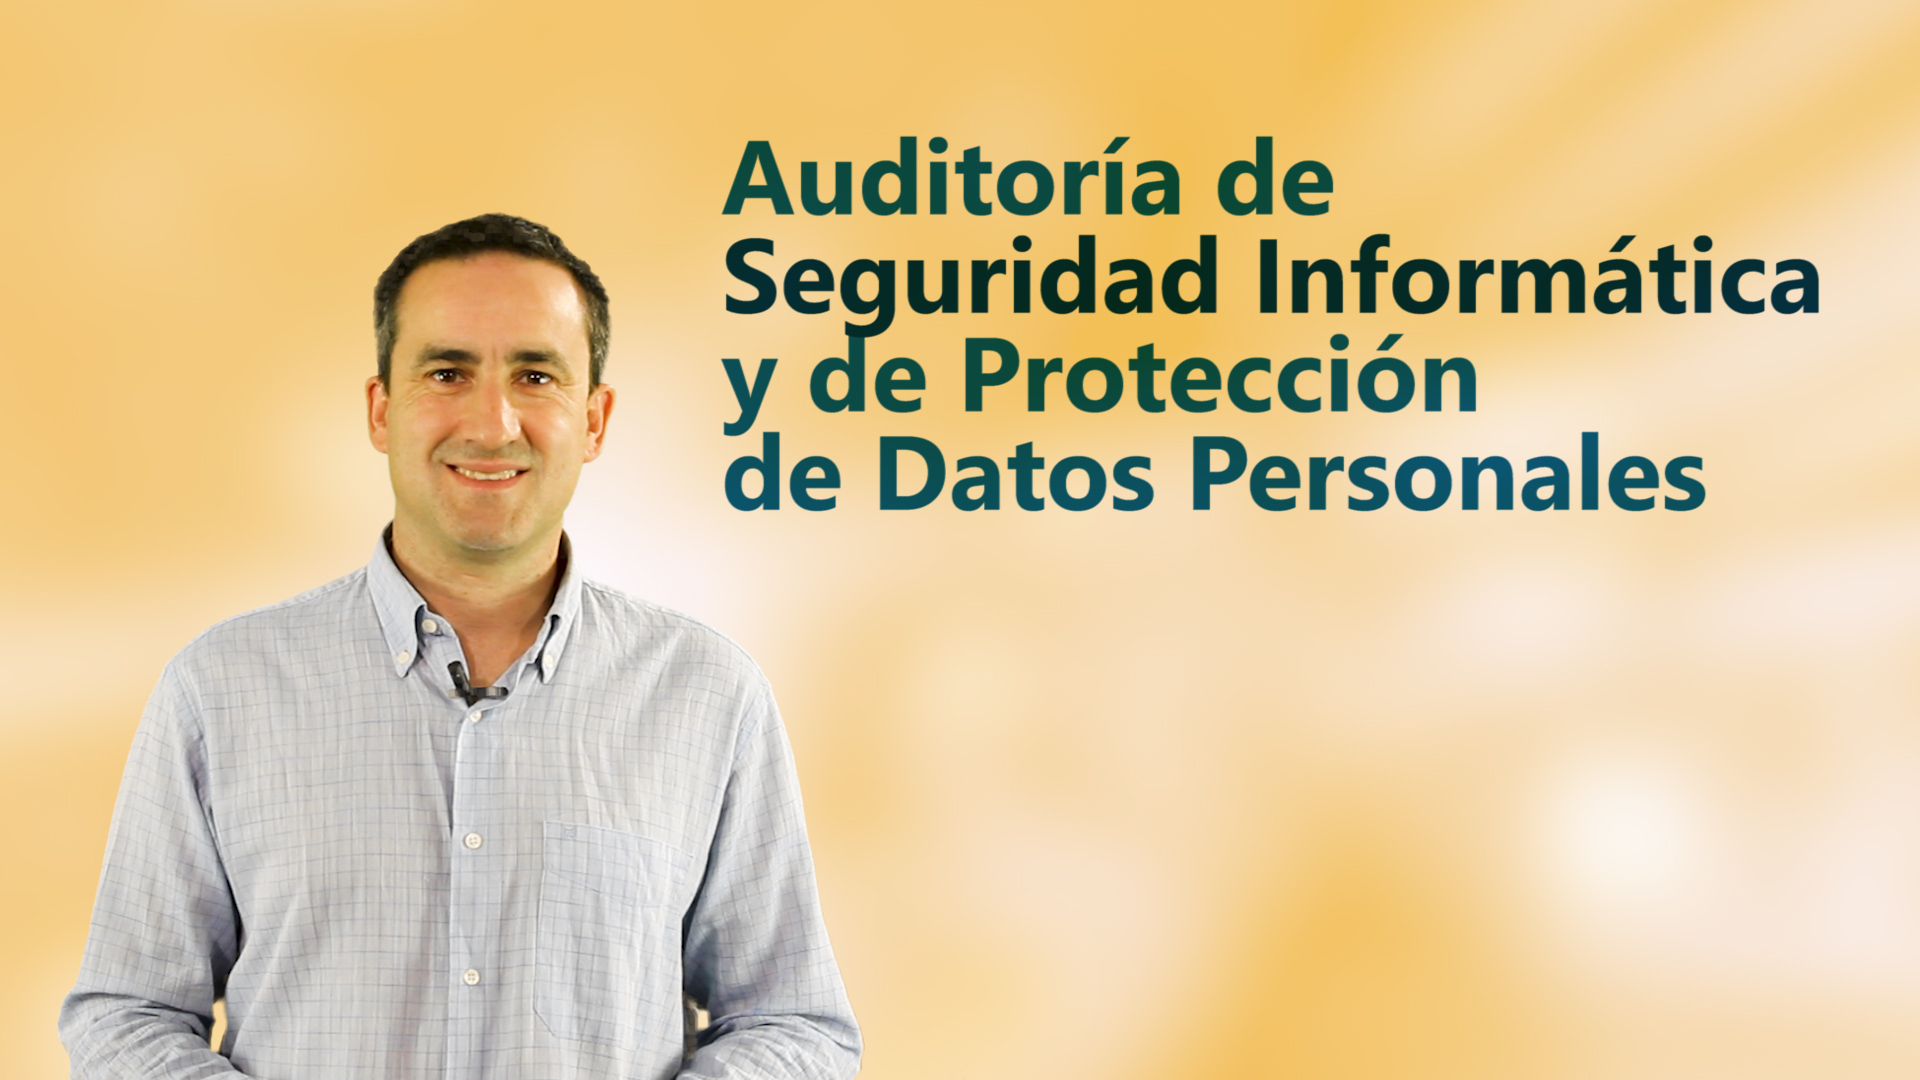 Curso de Auditoría de Seguridad Informática y de Protección de Datos Personales